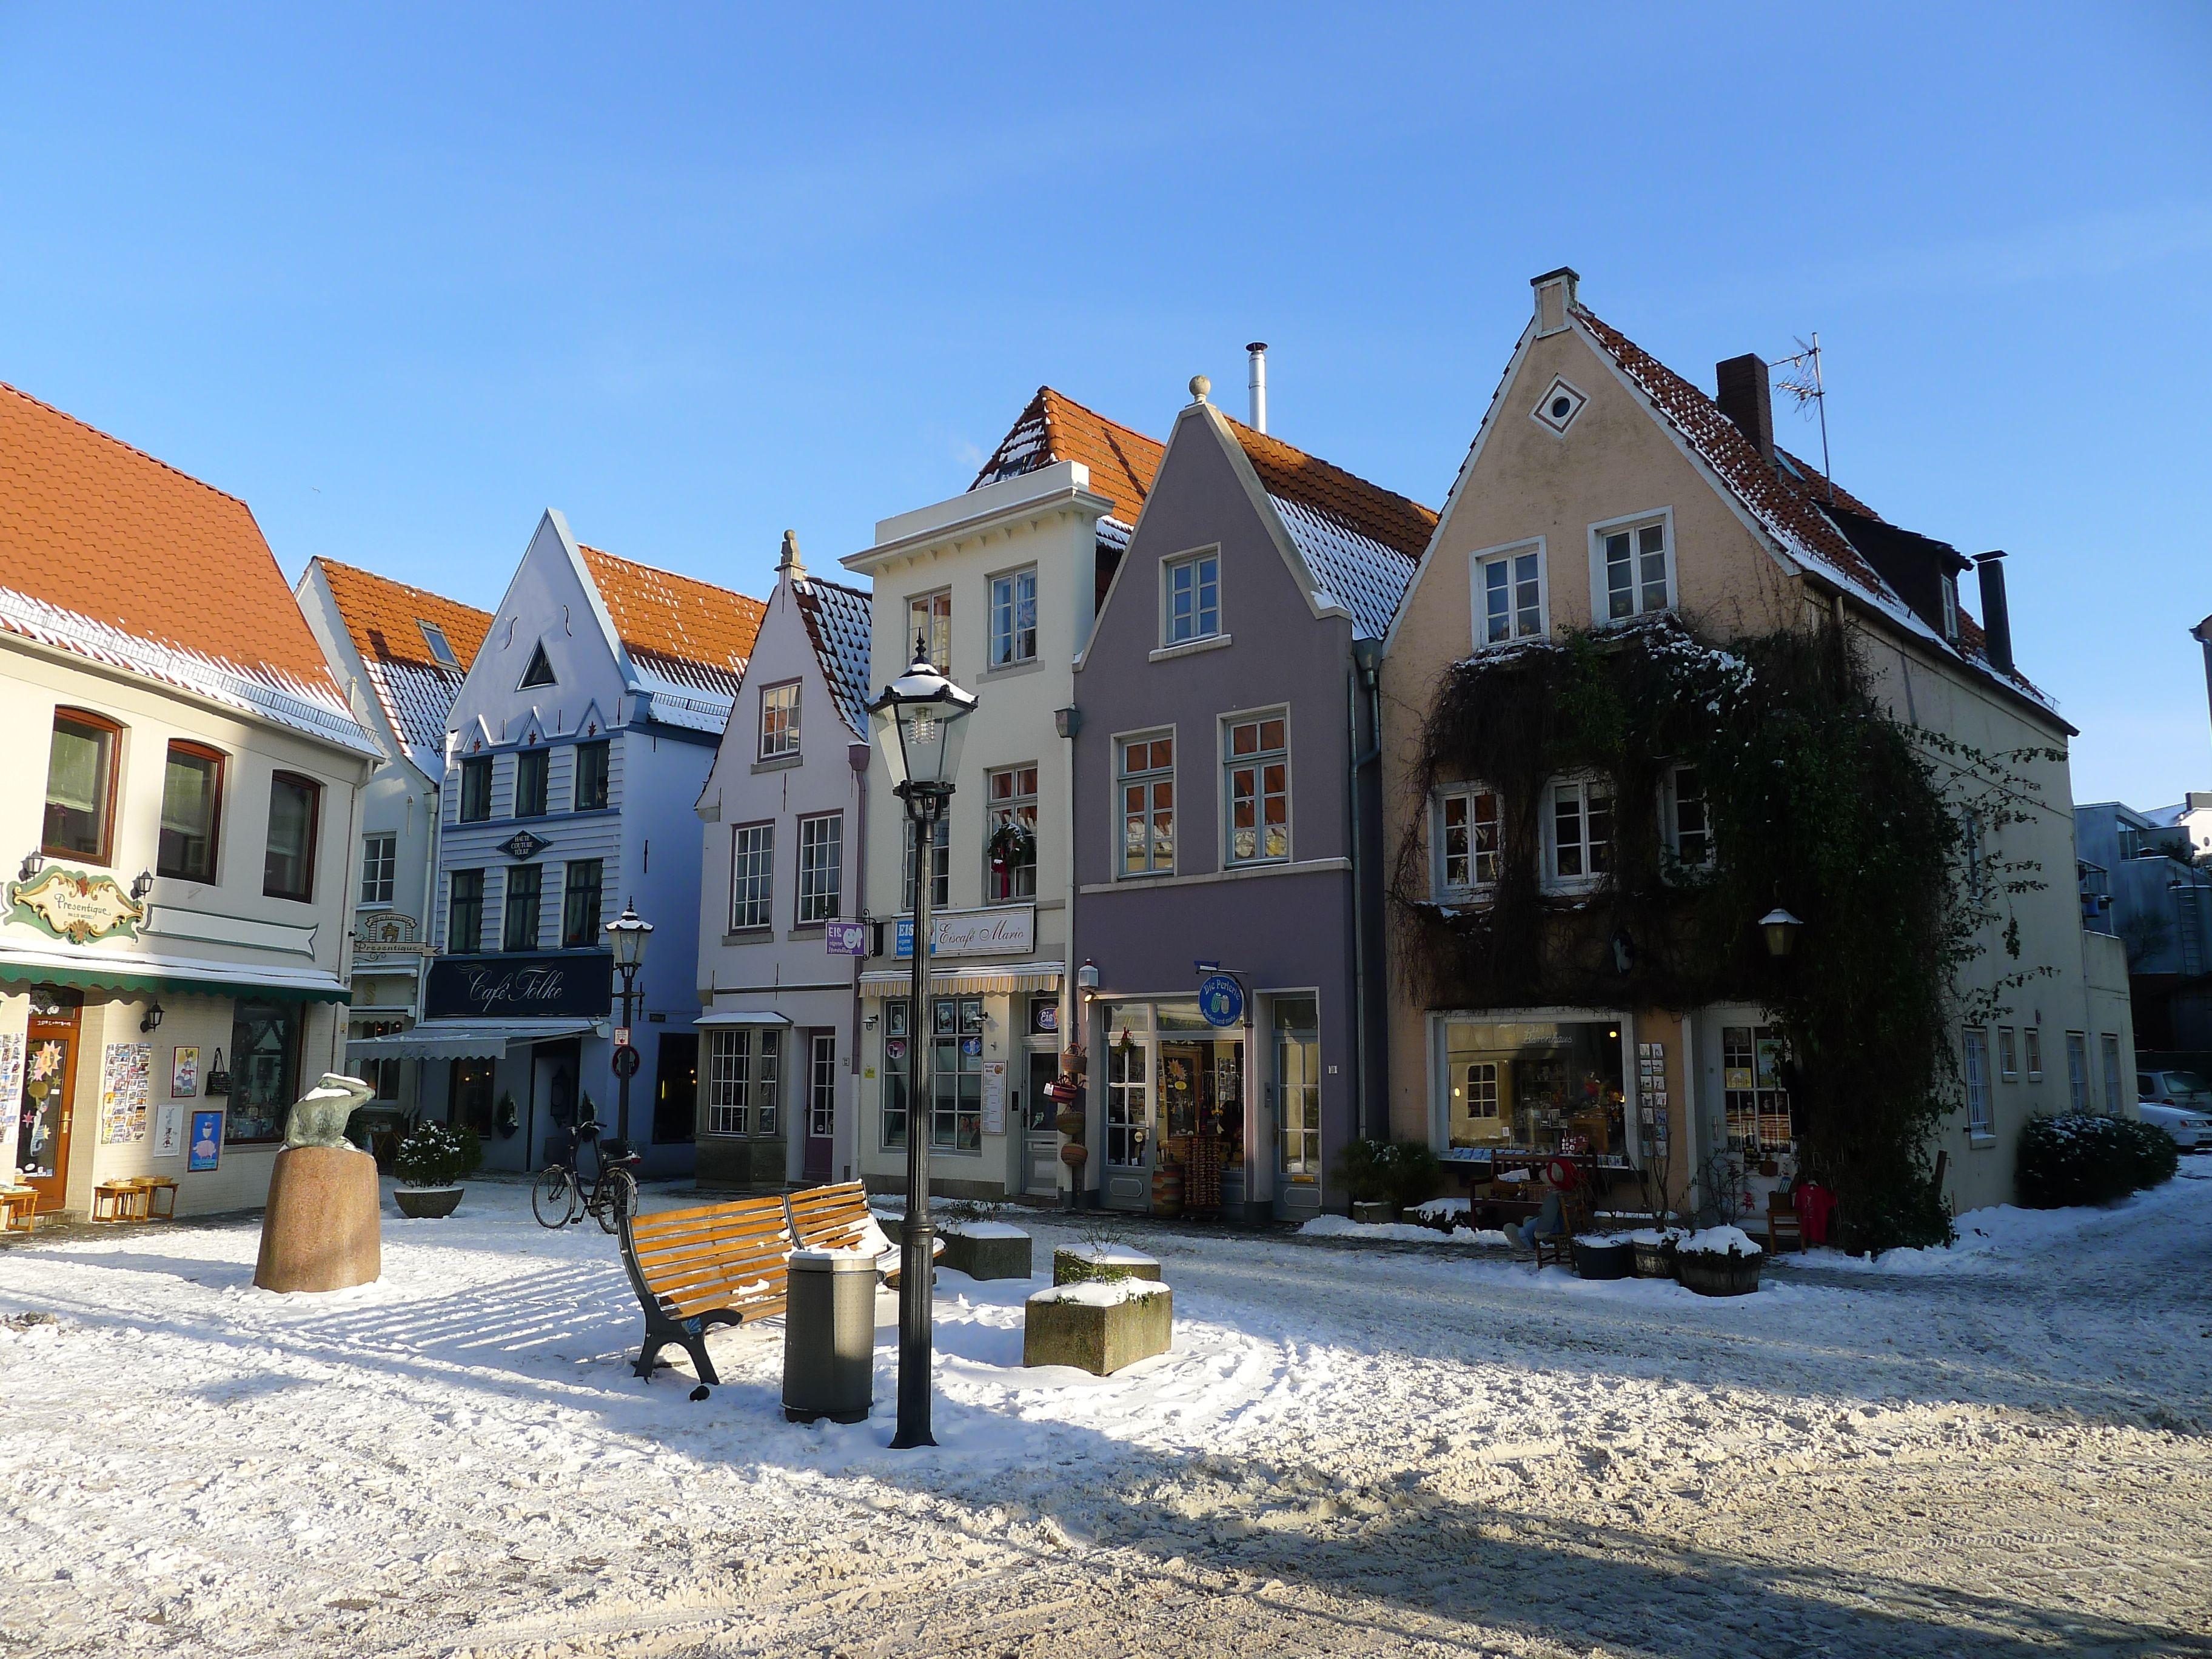 Schnoor Viertel im Winter #Bremen #Germany